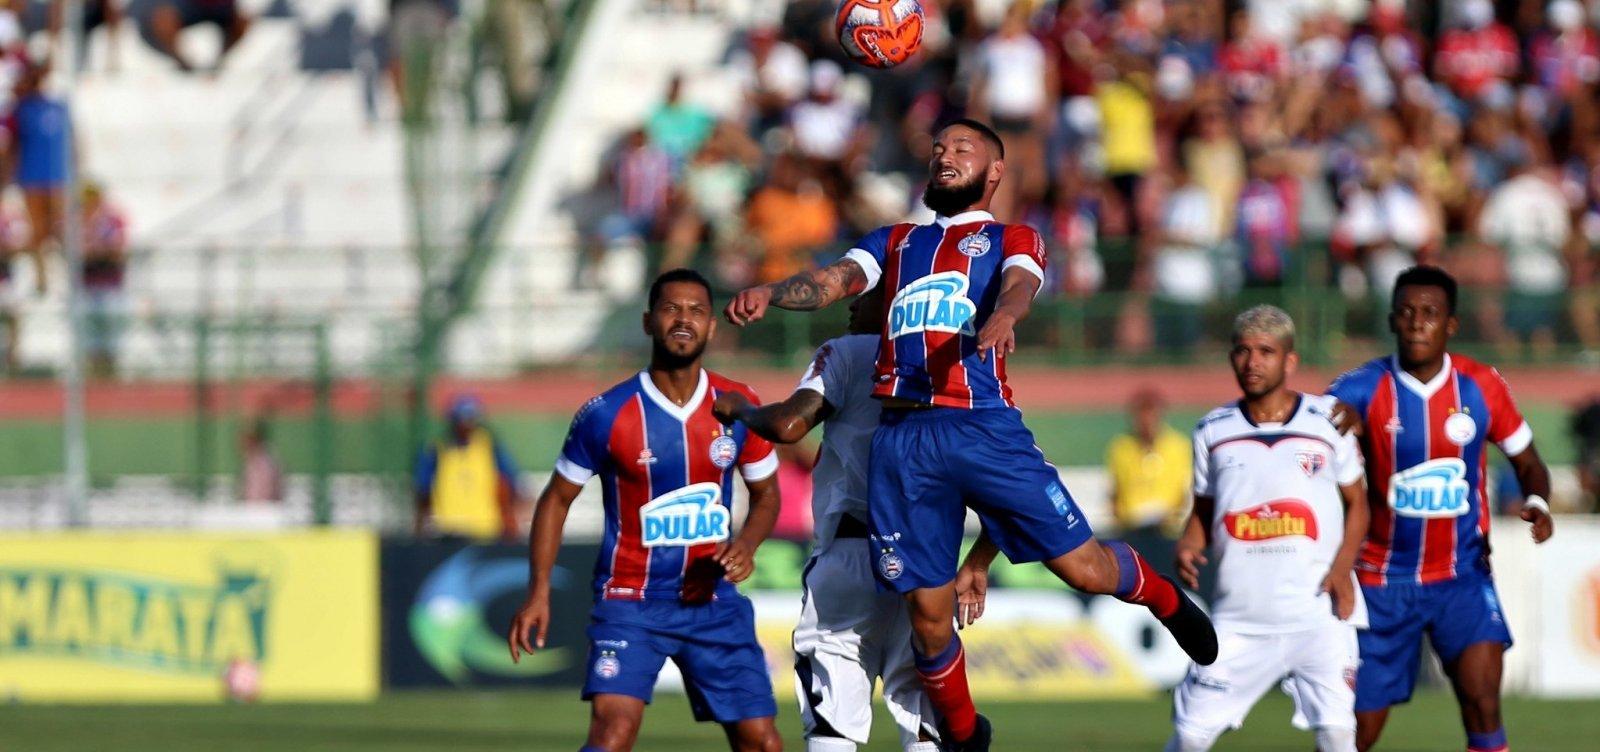 Bahia e Bahia de Feira duelam por título no Campeonato Baiano neste domingo (21)